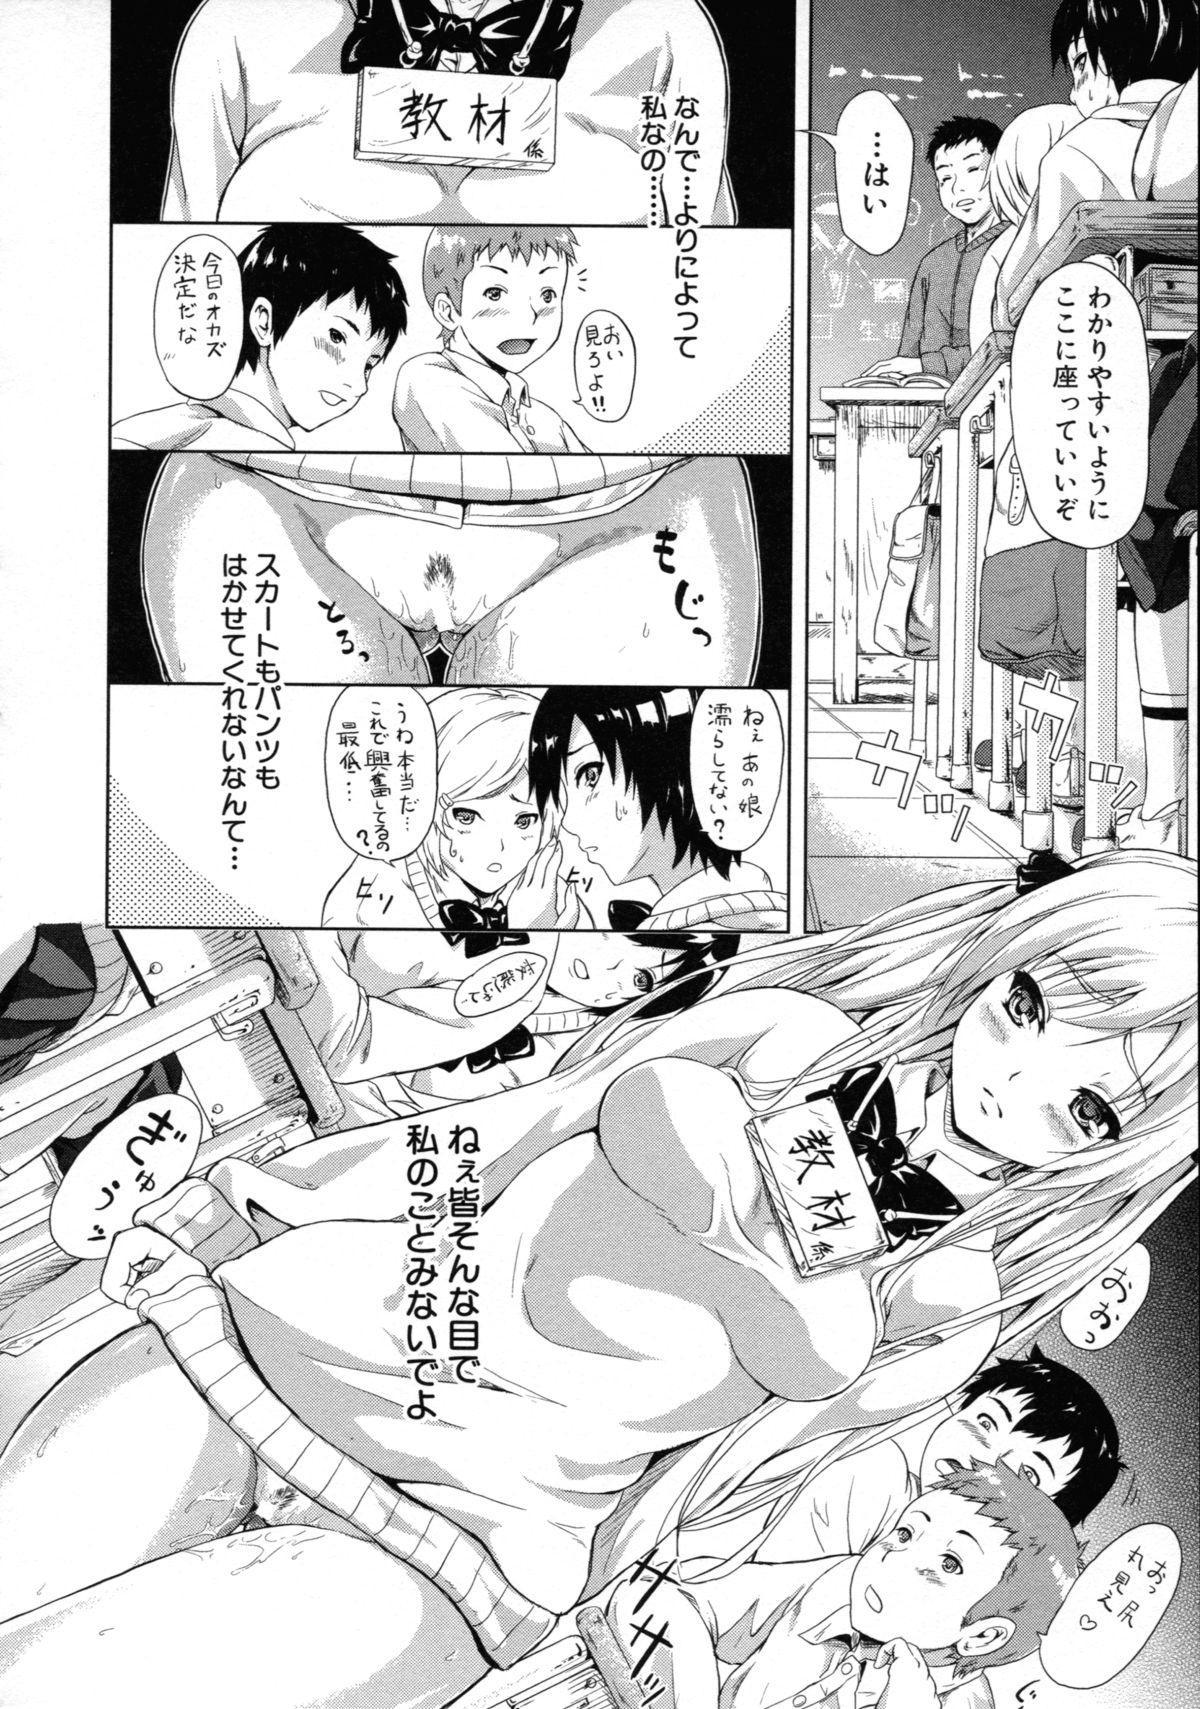 [Shiki Takuto] Tokoharu no Shoujo-tachi - The Girls in the Eternal Spring 191